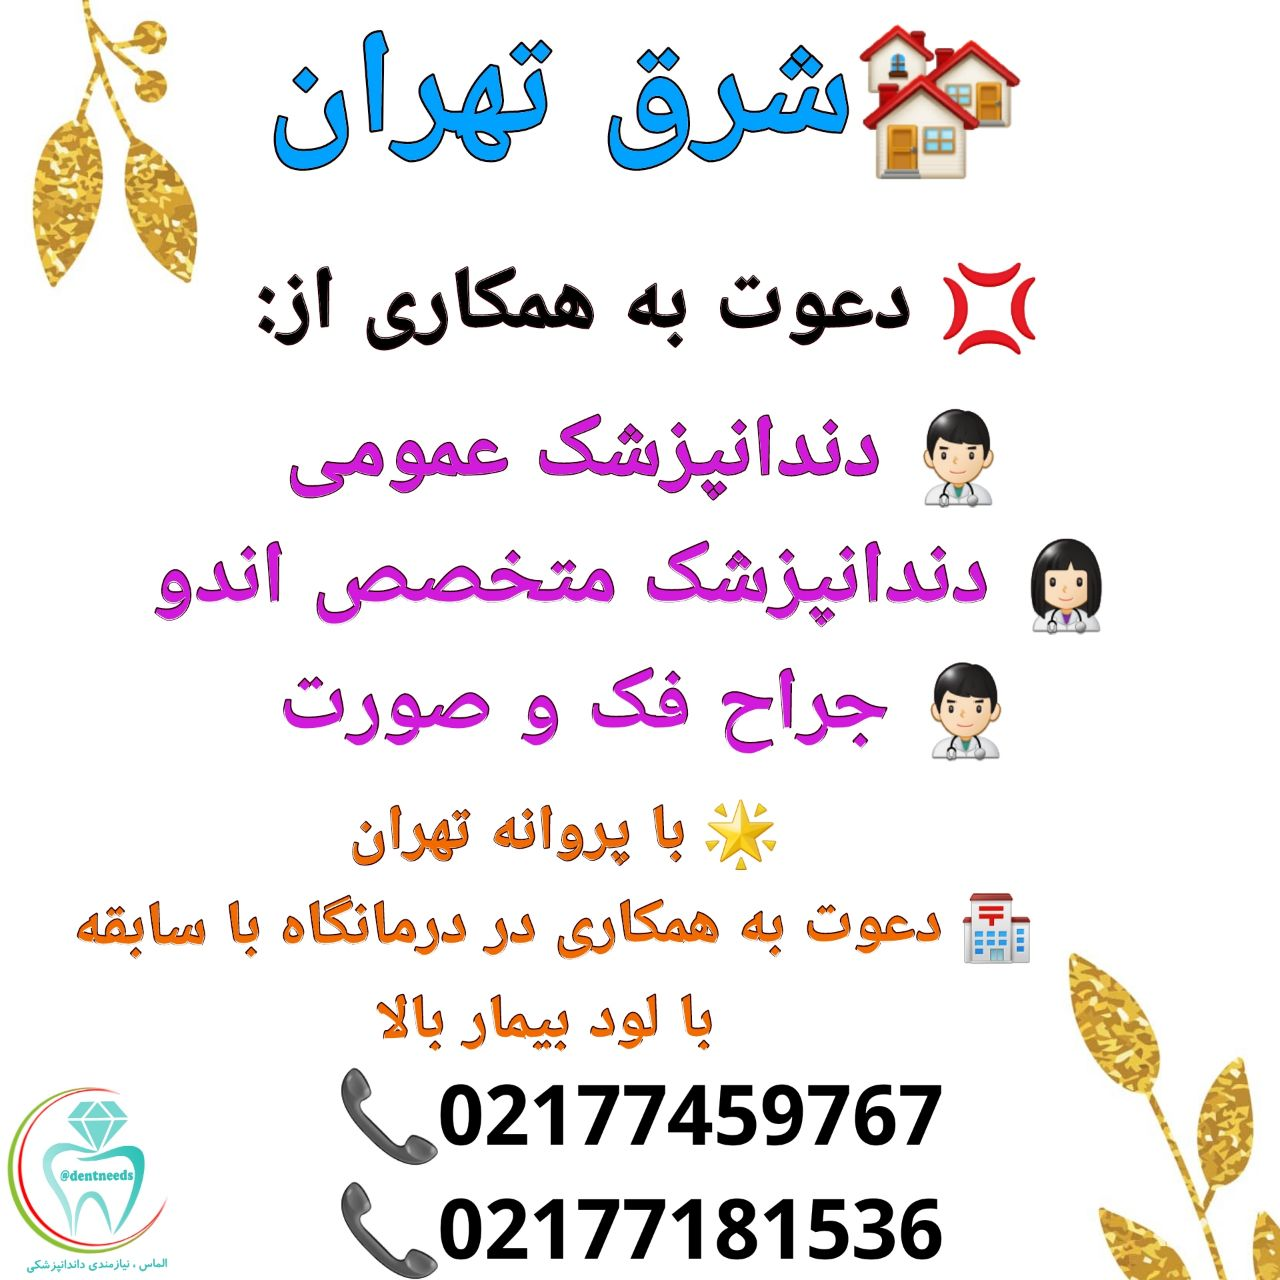 شرق تهران، دعوت به همکاری از دندانپزشک عمومی، متخصص اندو، جراح فک و صورت